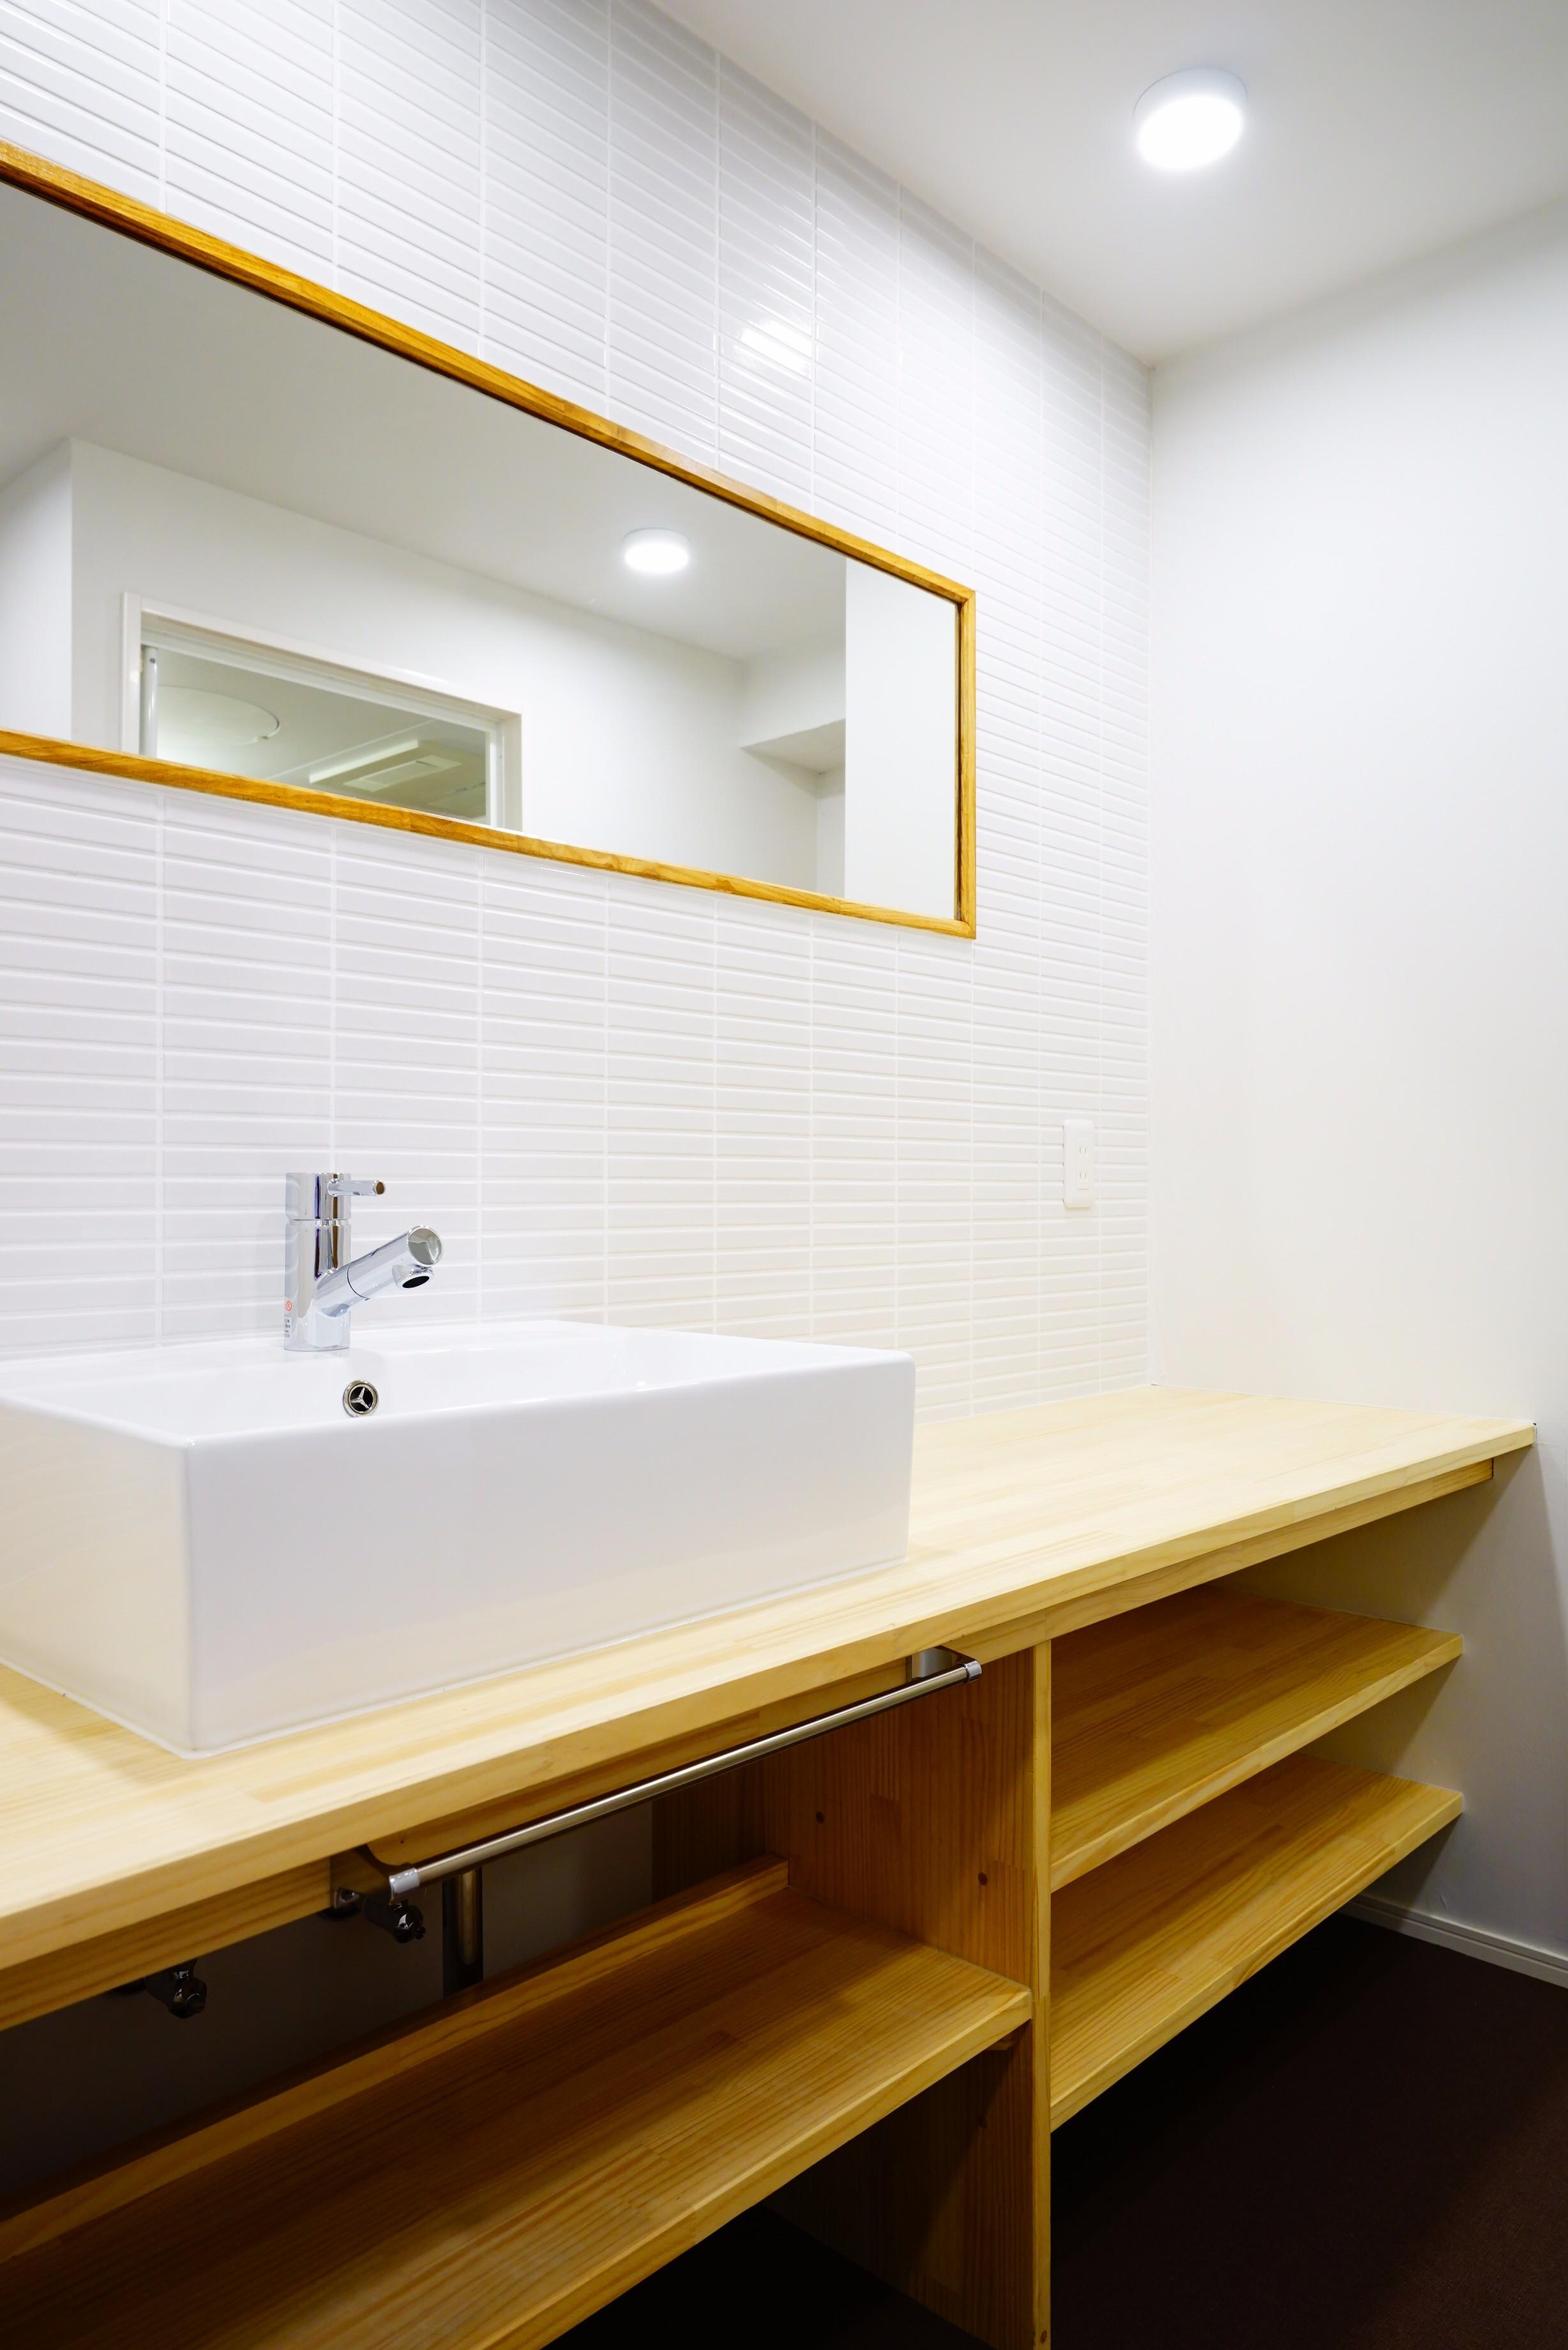 洗面台も幅広で使い勝手が良さそう。朝が忙しい二人暮らしの方でも安心です。